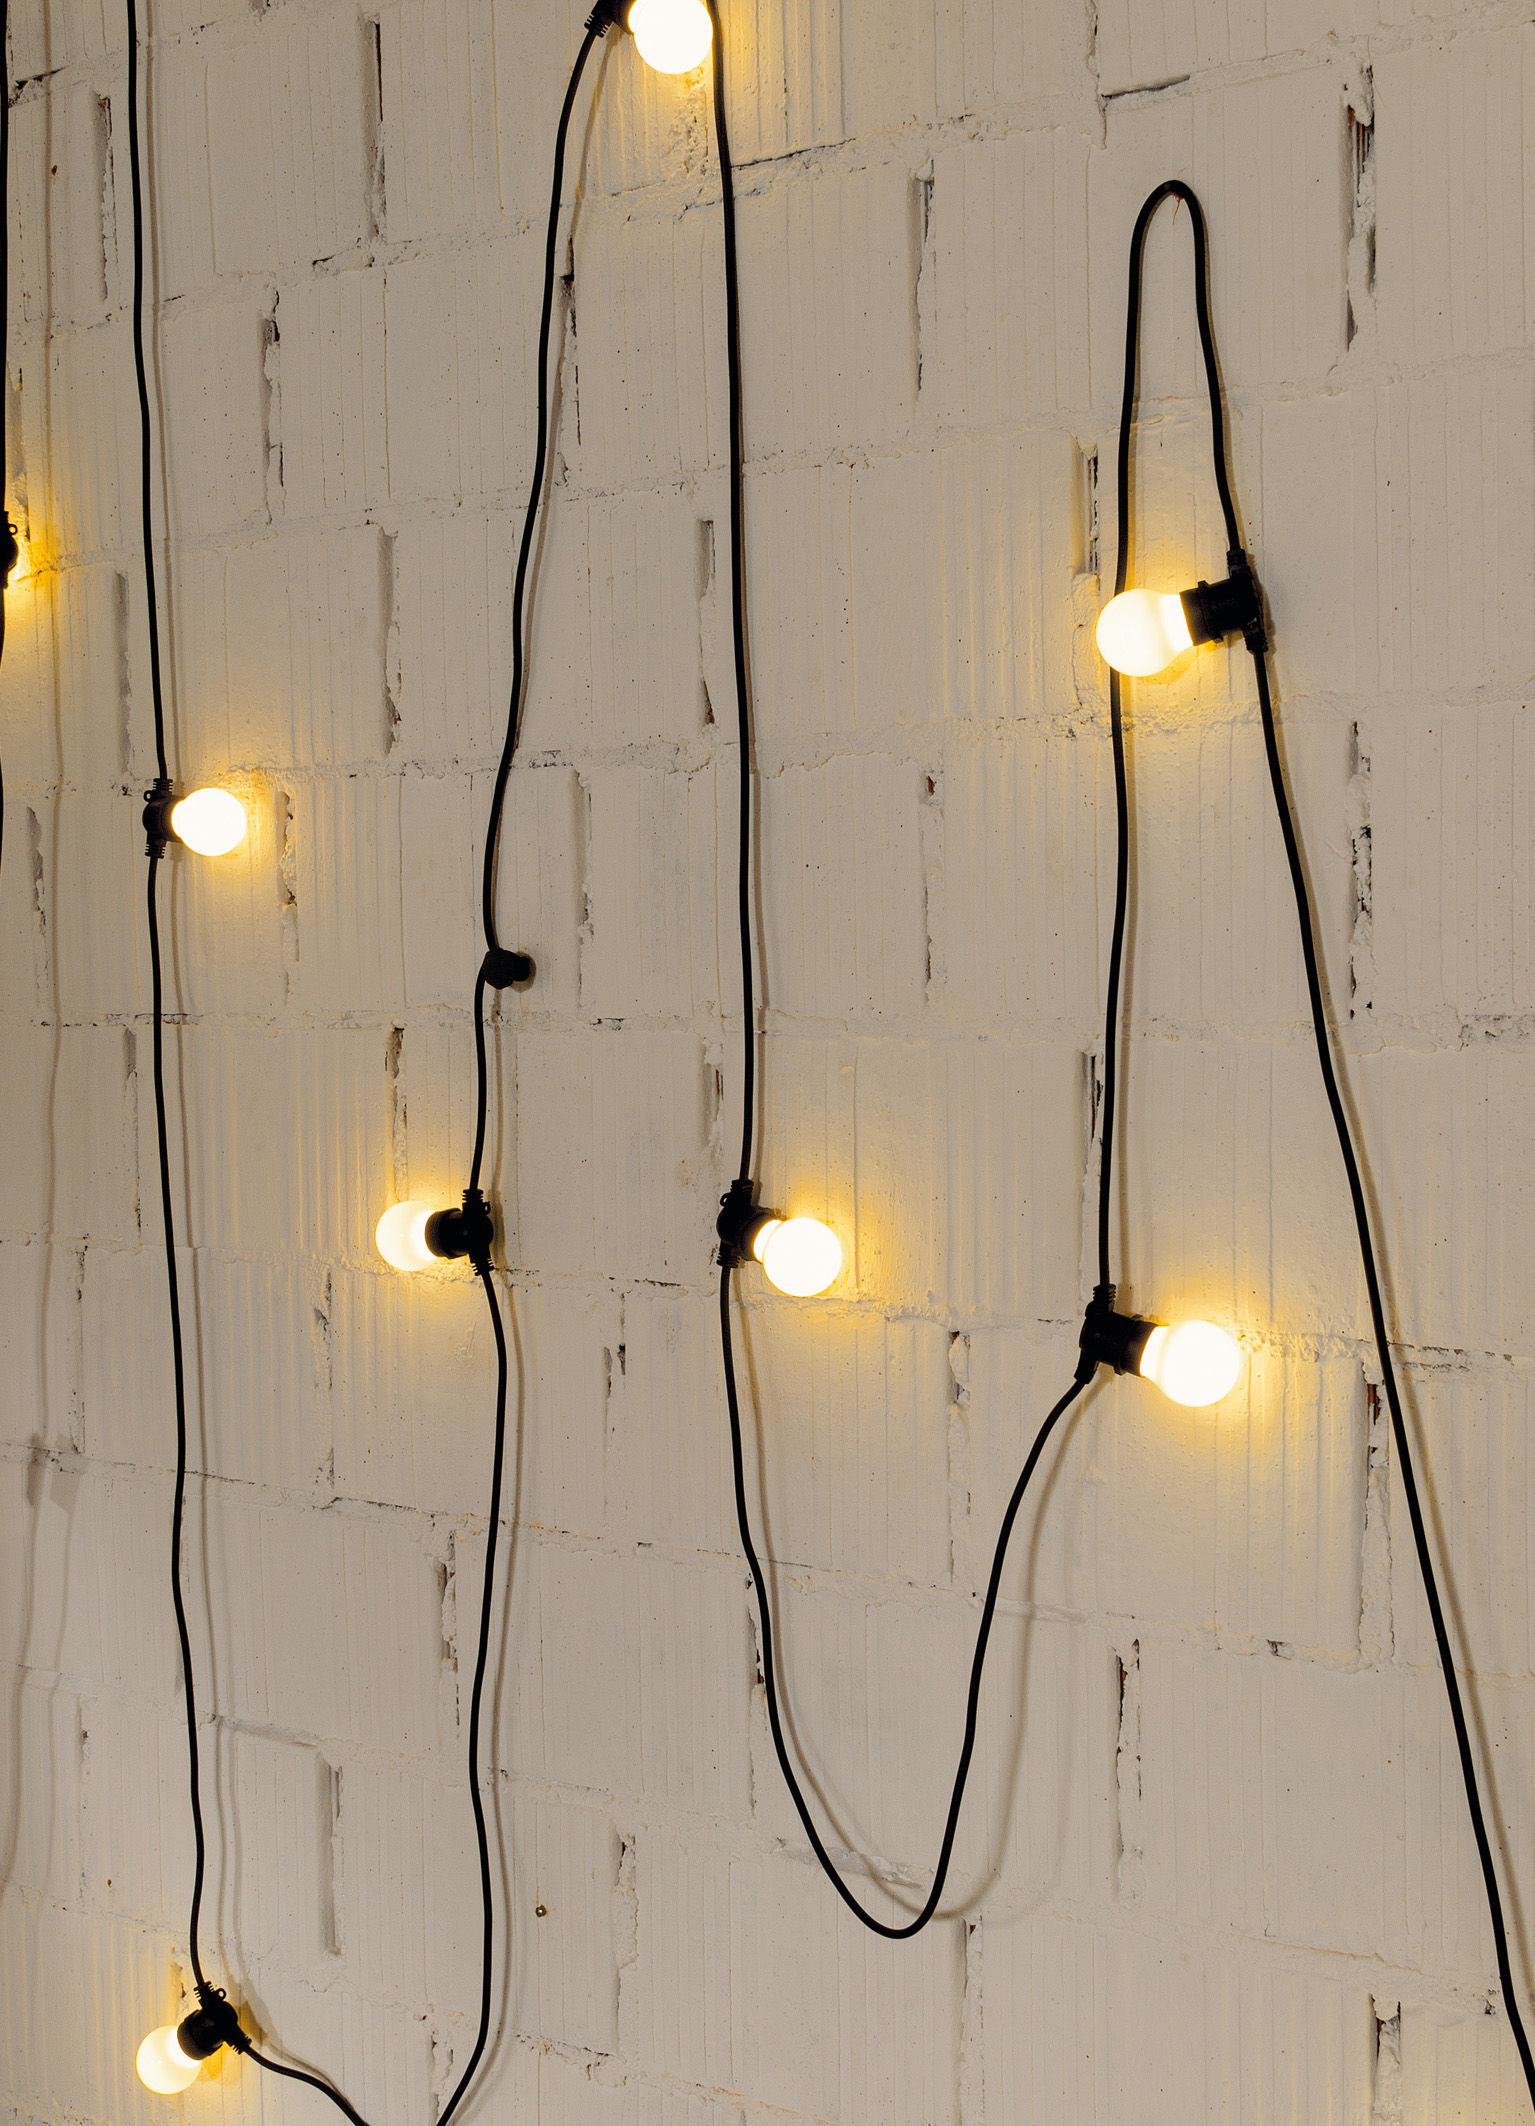 guirlande lumineuse bella vista led - pour l'extérieur câble noir